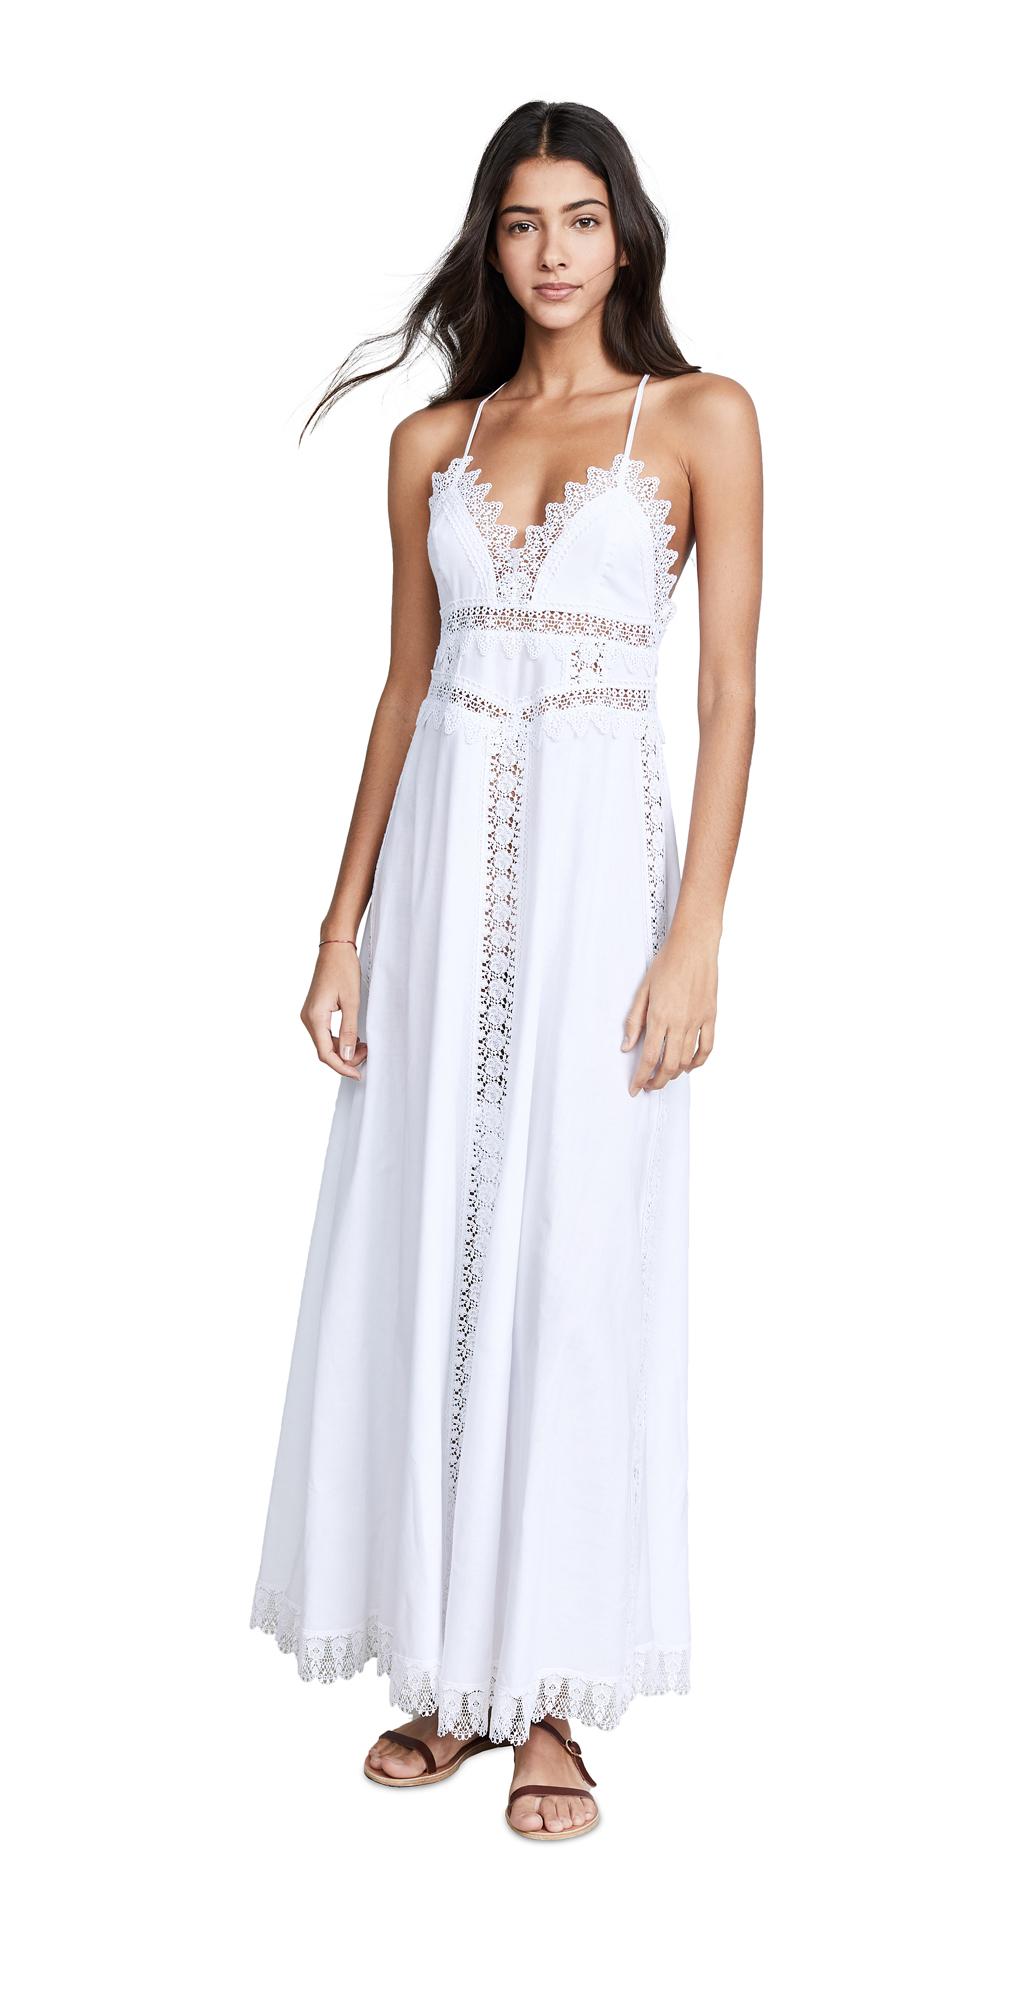 Imagen Dress